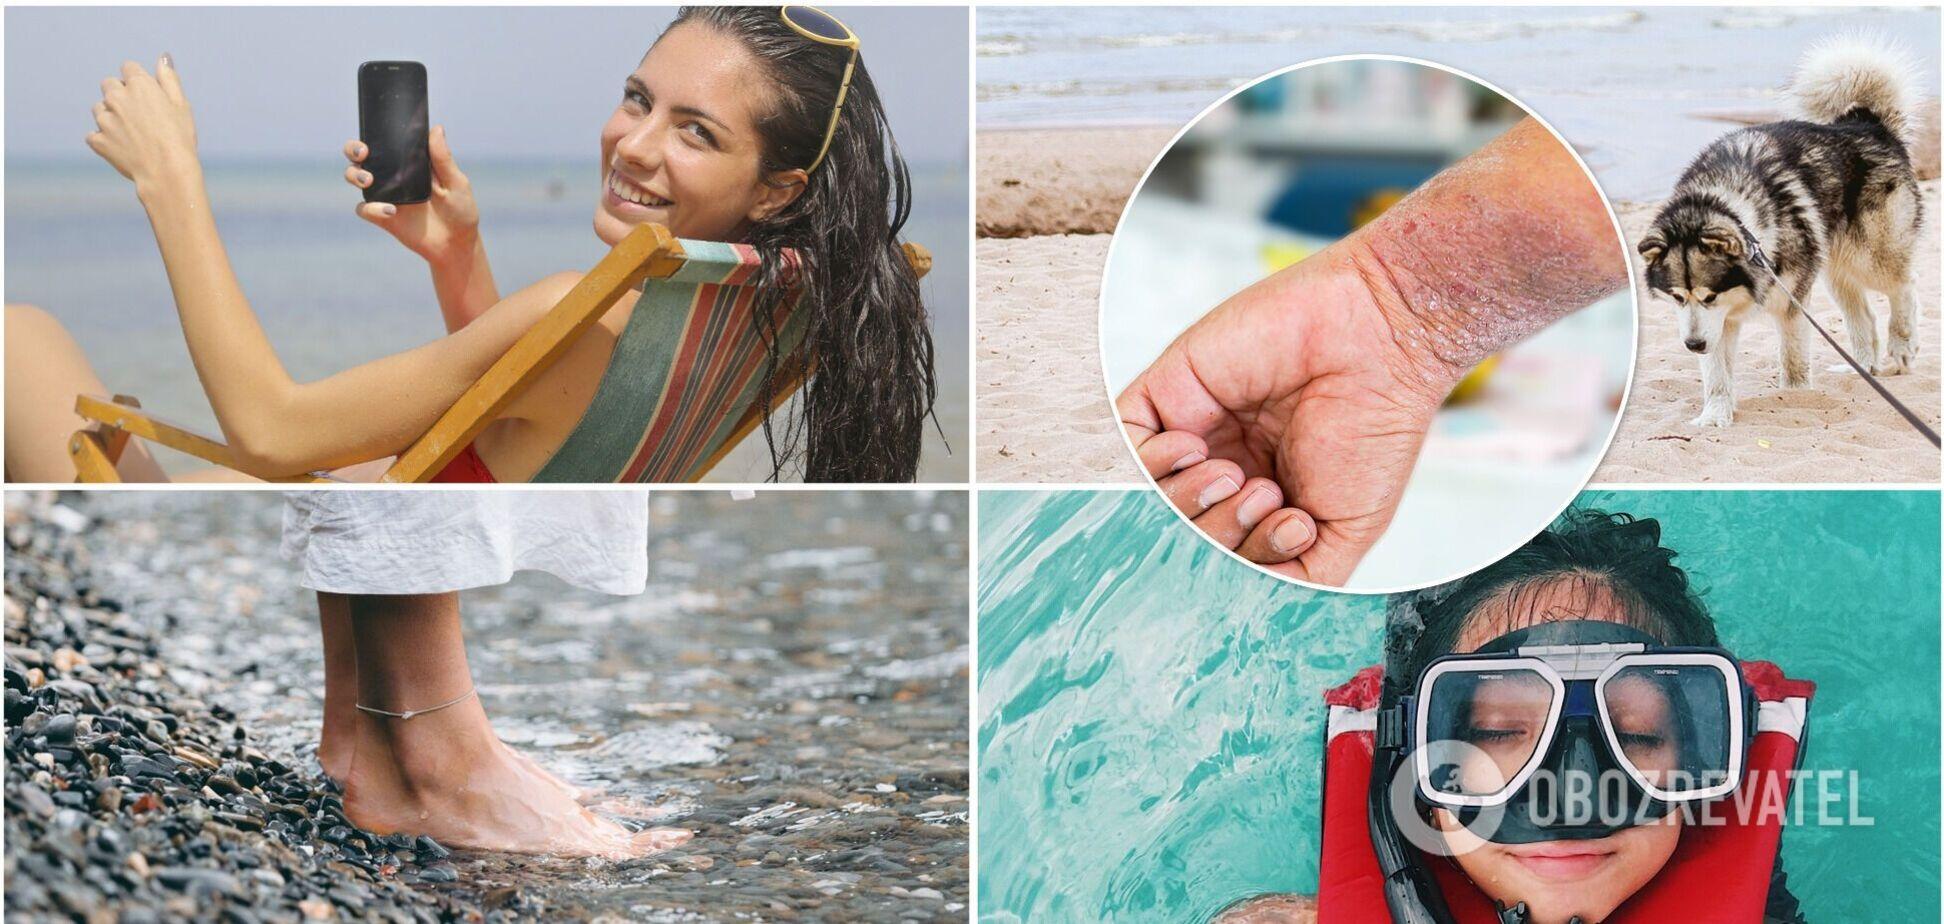 Підчепили грибок, лишай і коросту на пляжі? Дерматолог каже, що це реально